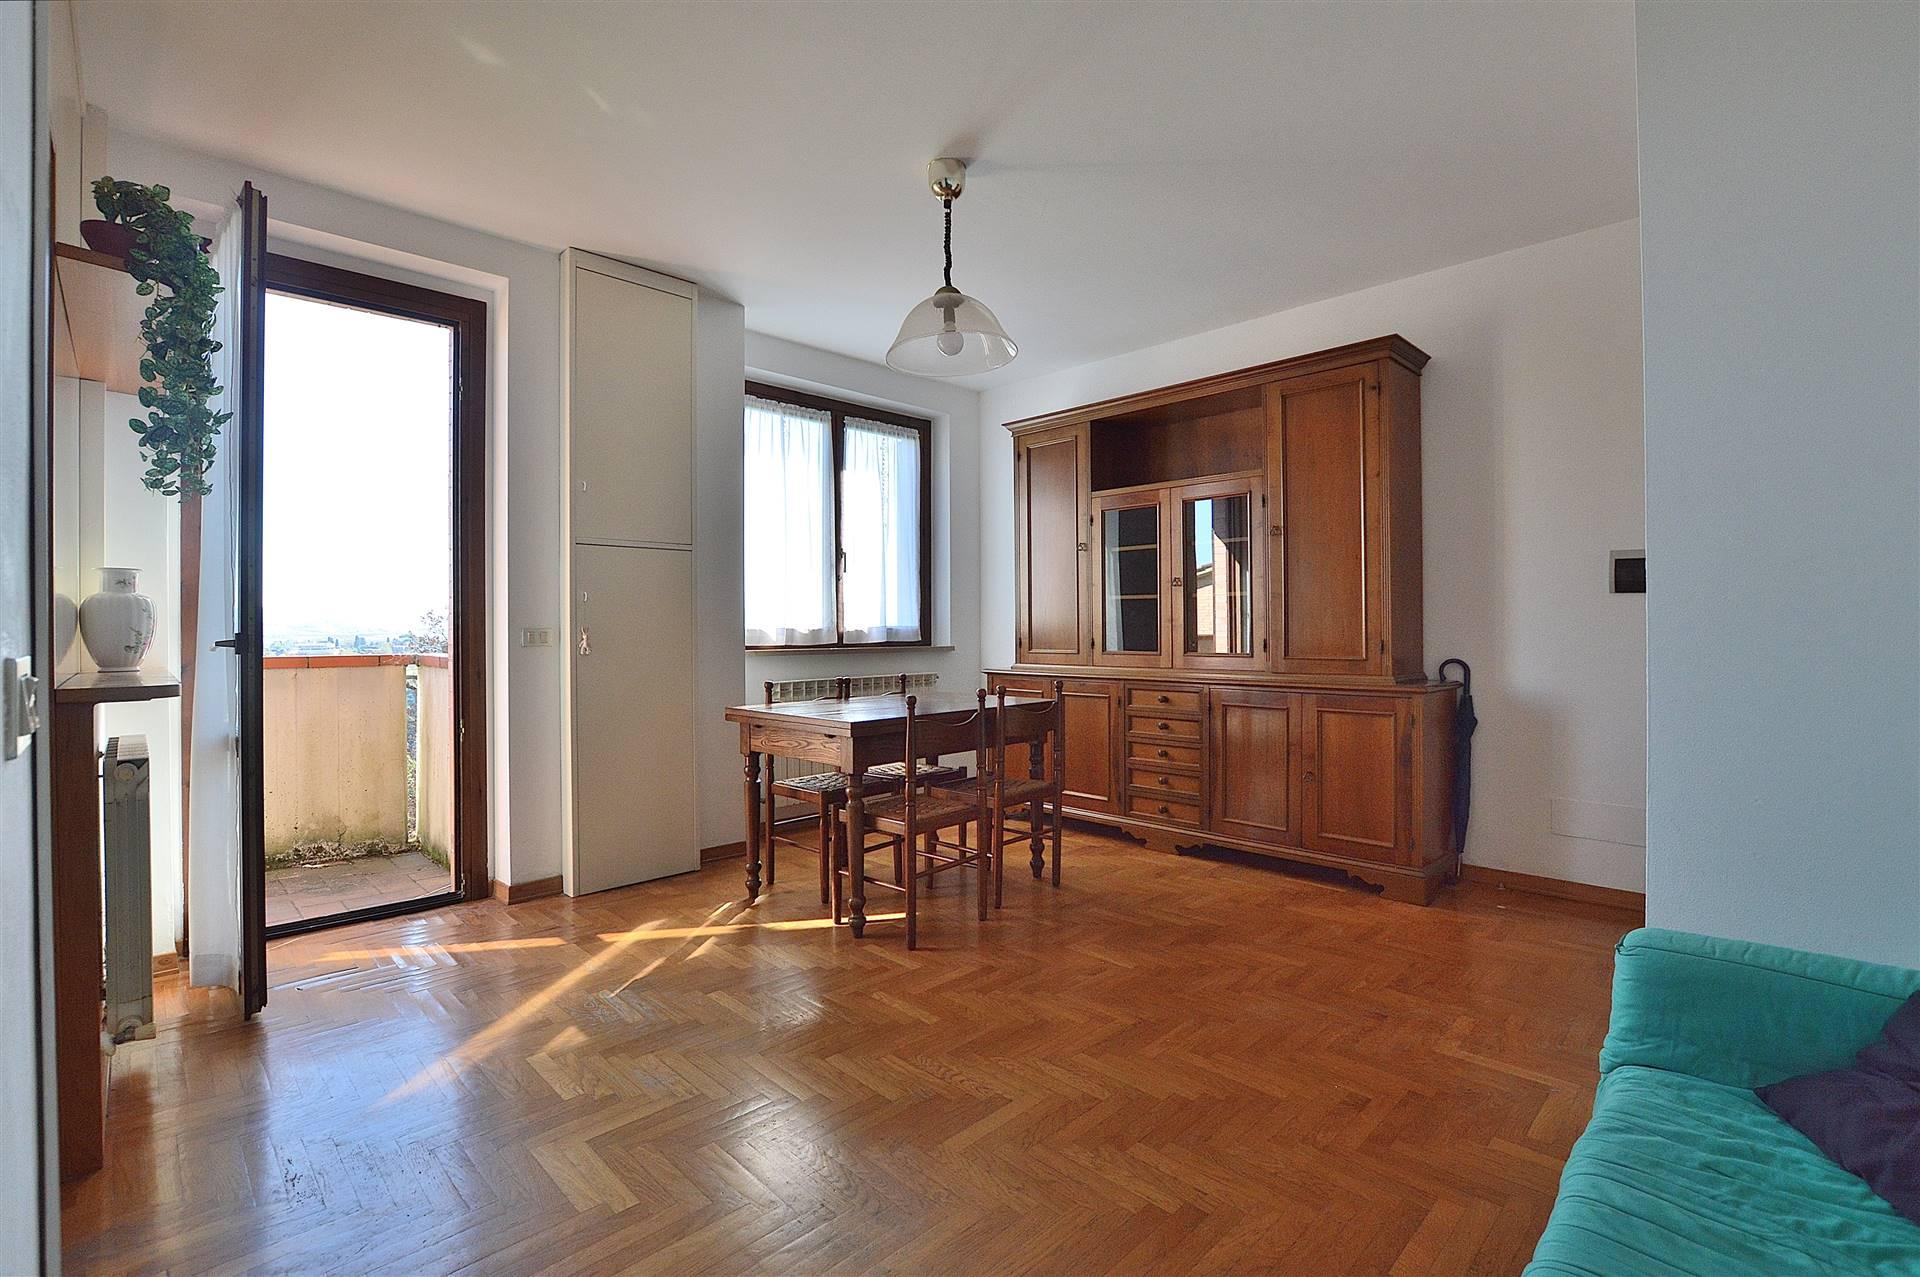 Uopini, in piacevole contesto residenziale, proponiamo appartamento posto al piano primo ed ultimo di una piccola palazzina in mattoni faccia vista